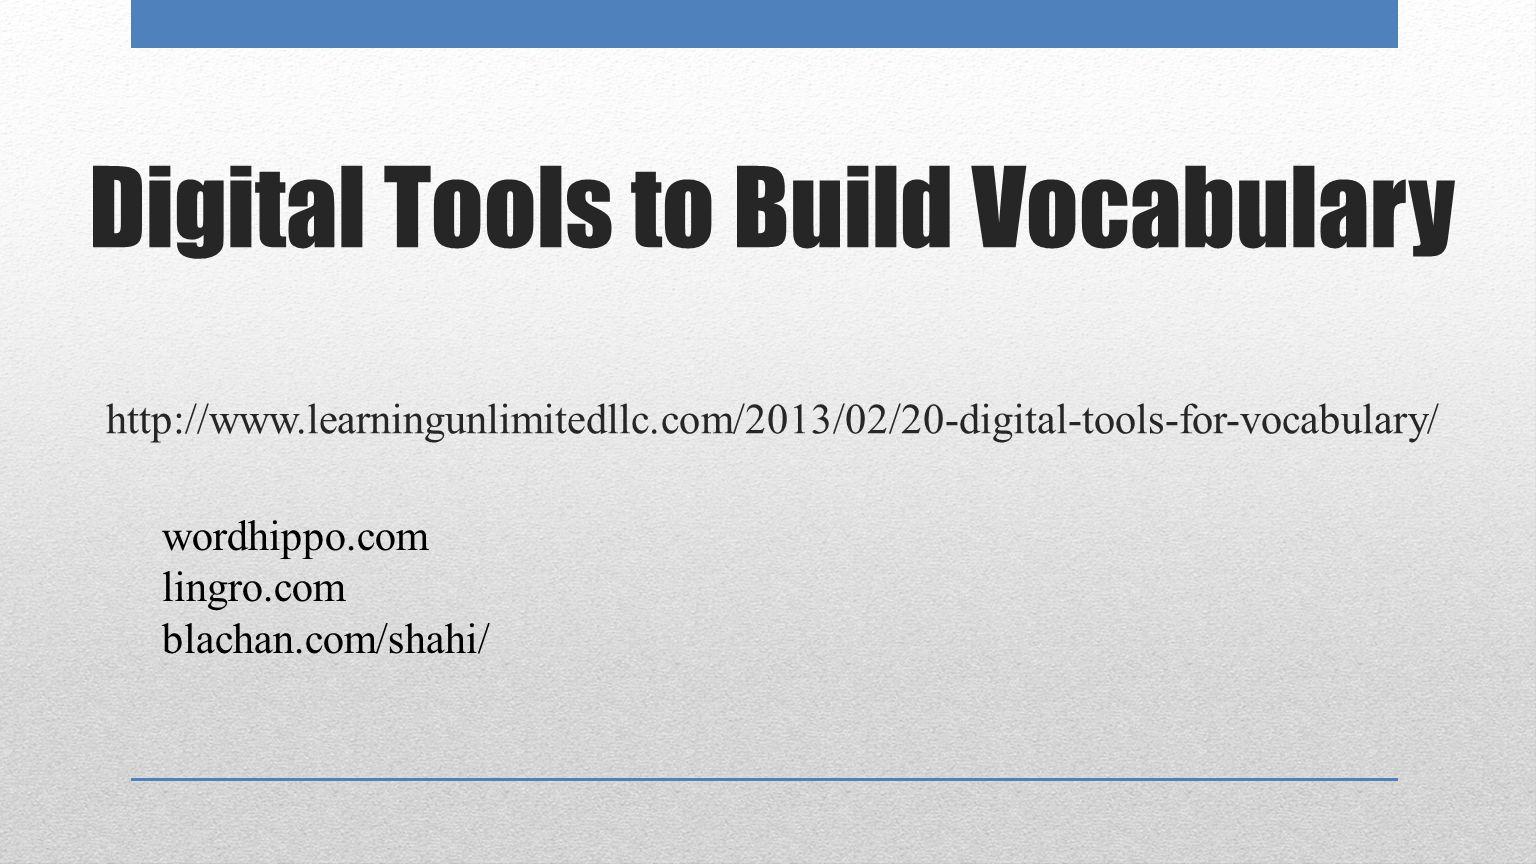 Digital Tools to Build Vocabulary http://www.learningunlimitedllc.com/2013/02/20-digital-tools-for-vocabulary/ wordhippo.com lingro.com blachan.com/shahi/